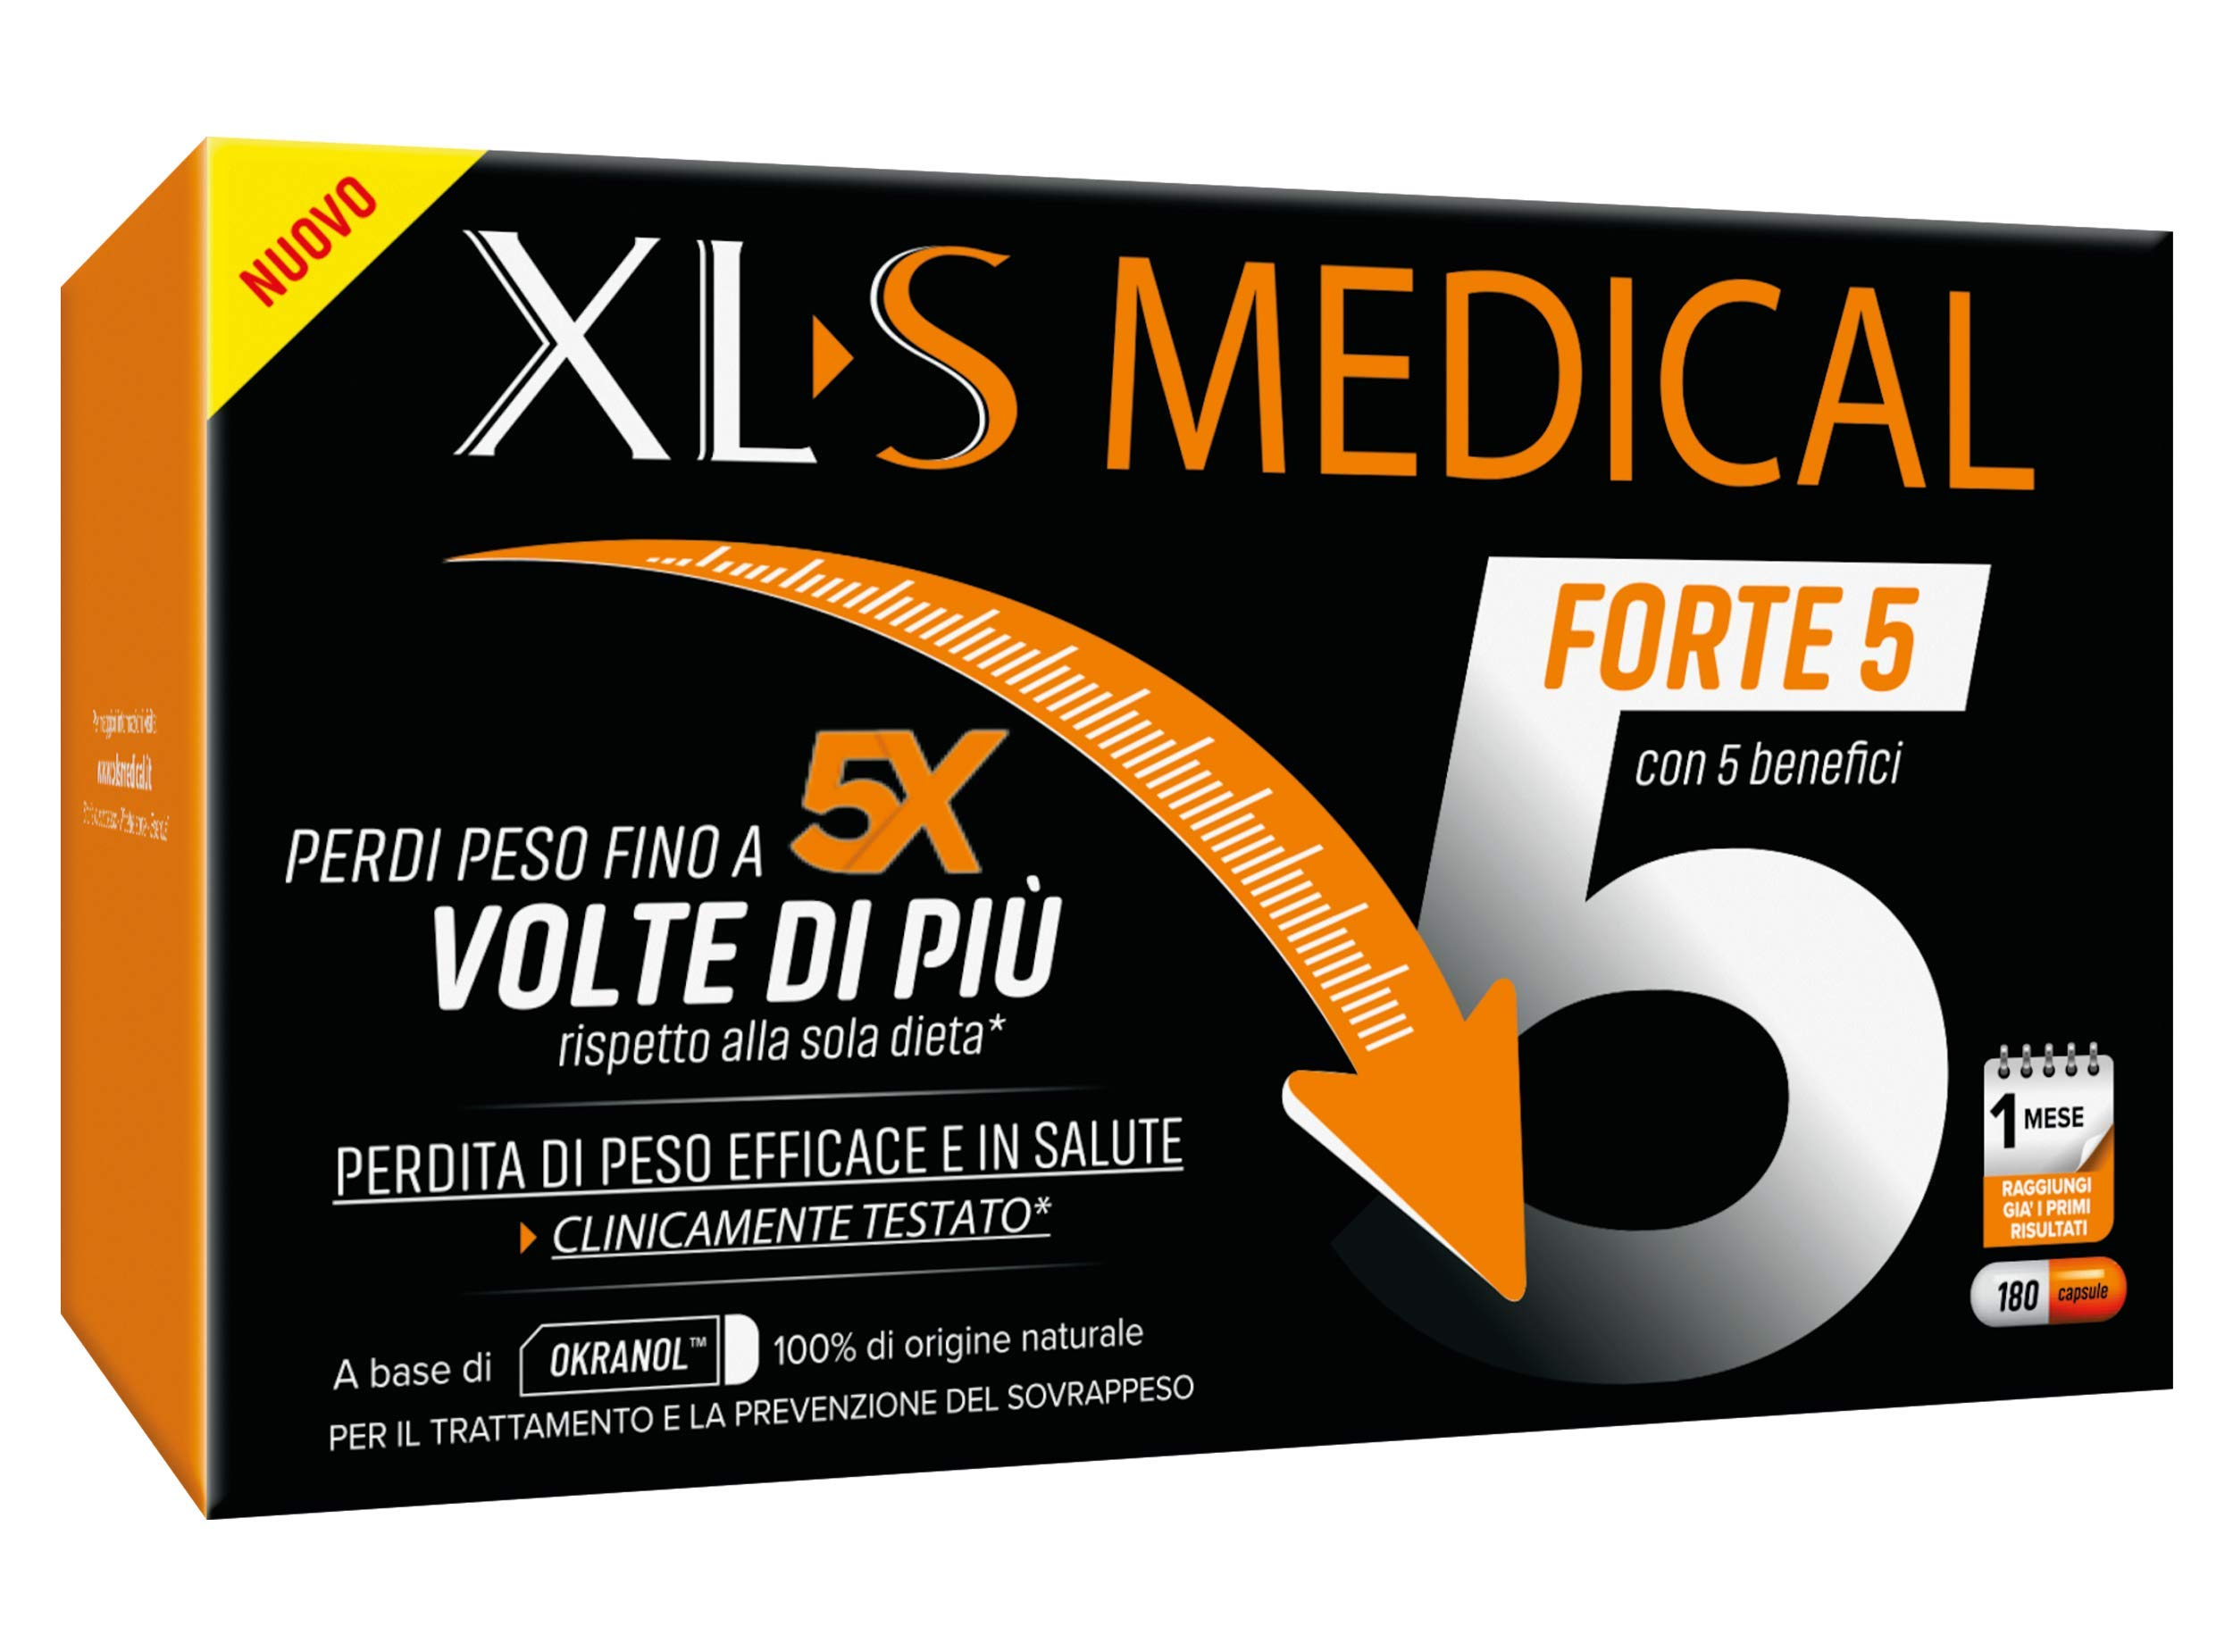 XL-S MEDICAL Forte 5 Pastiglie Dimagranti Forte, Trattamento Dimagrante con 5 Benefici in 1, App My Nudge Plan Inclusa… 1 spesavip